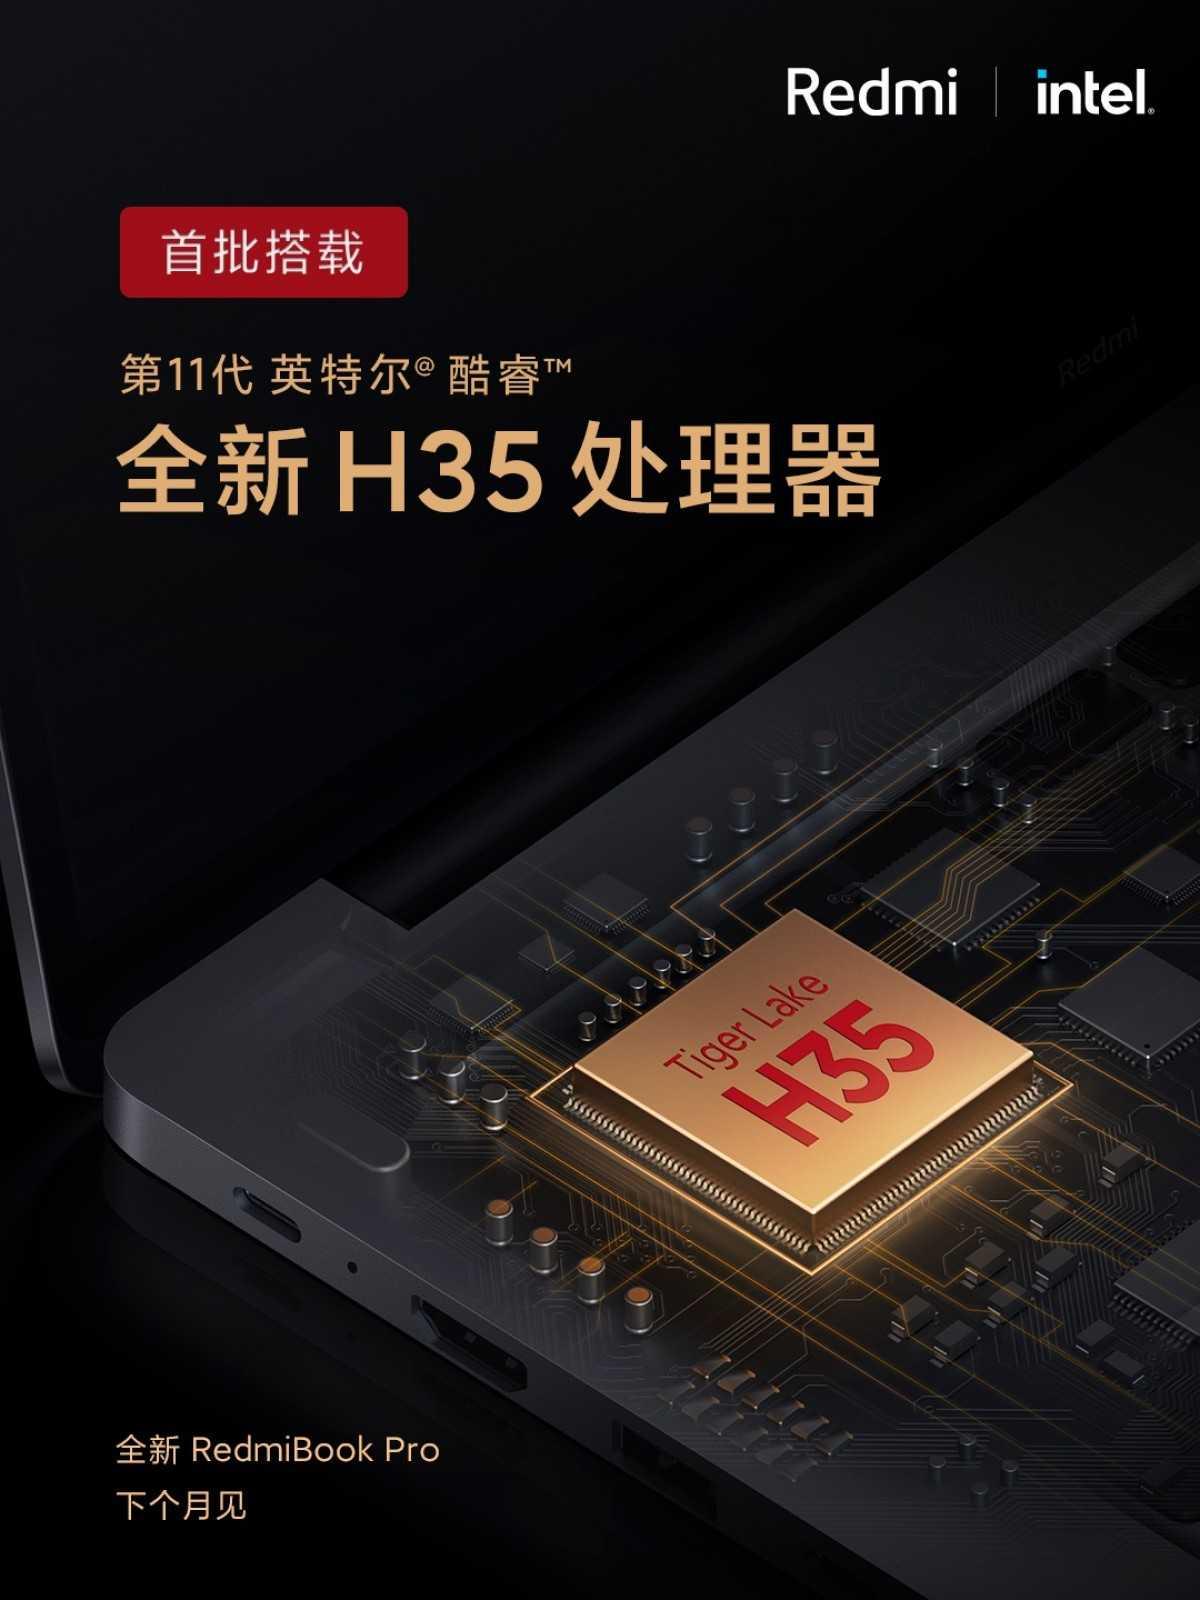 Xiaomi представит новый RedmiBook Pro с чипсетом Intel Core 11-го поколения